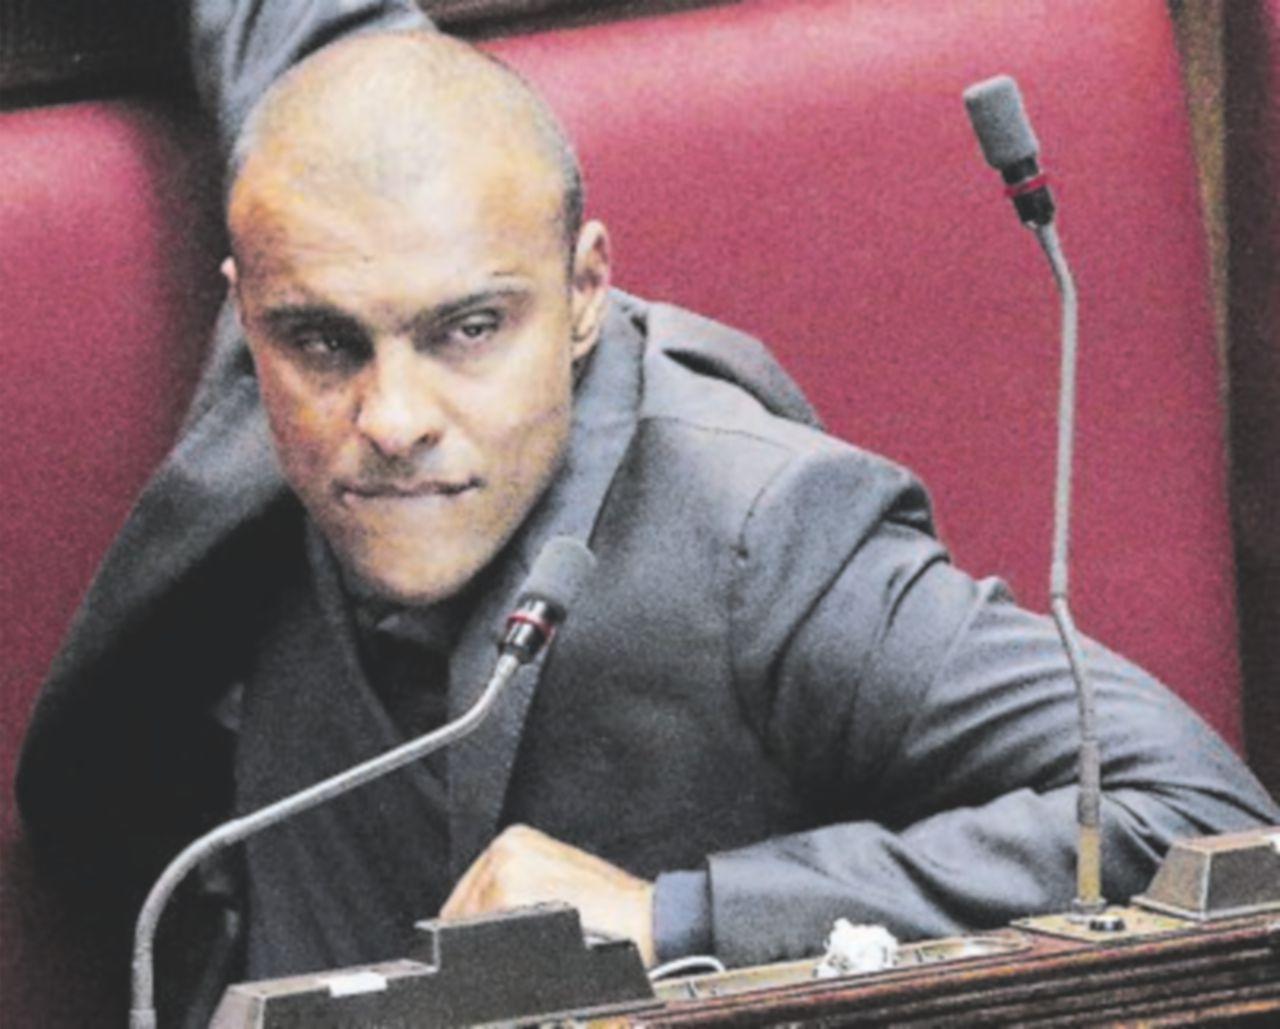 L'ex tesoriere FdI alla Camera va ai domiciliari per riciclaggio